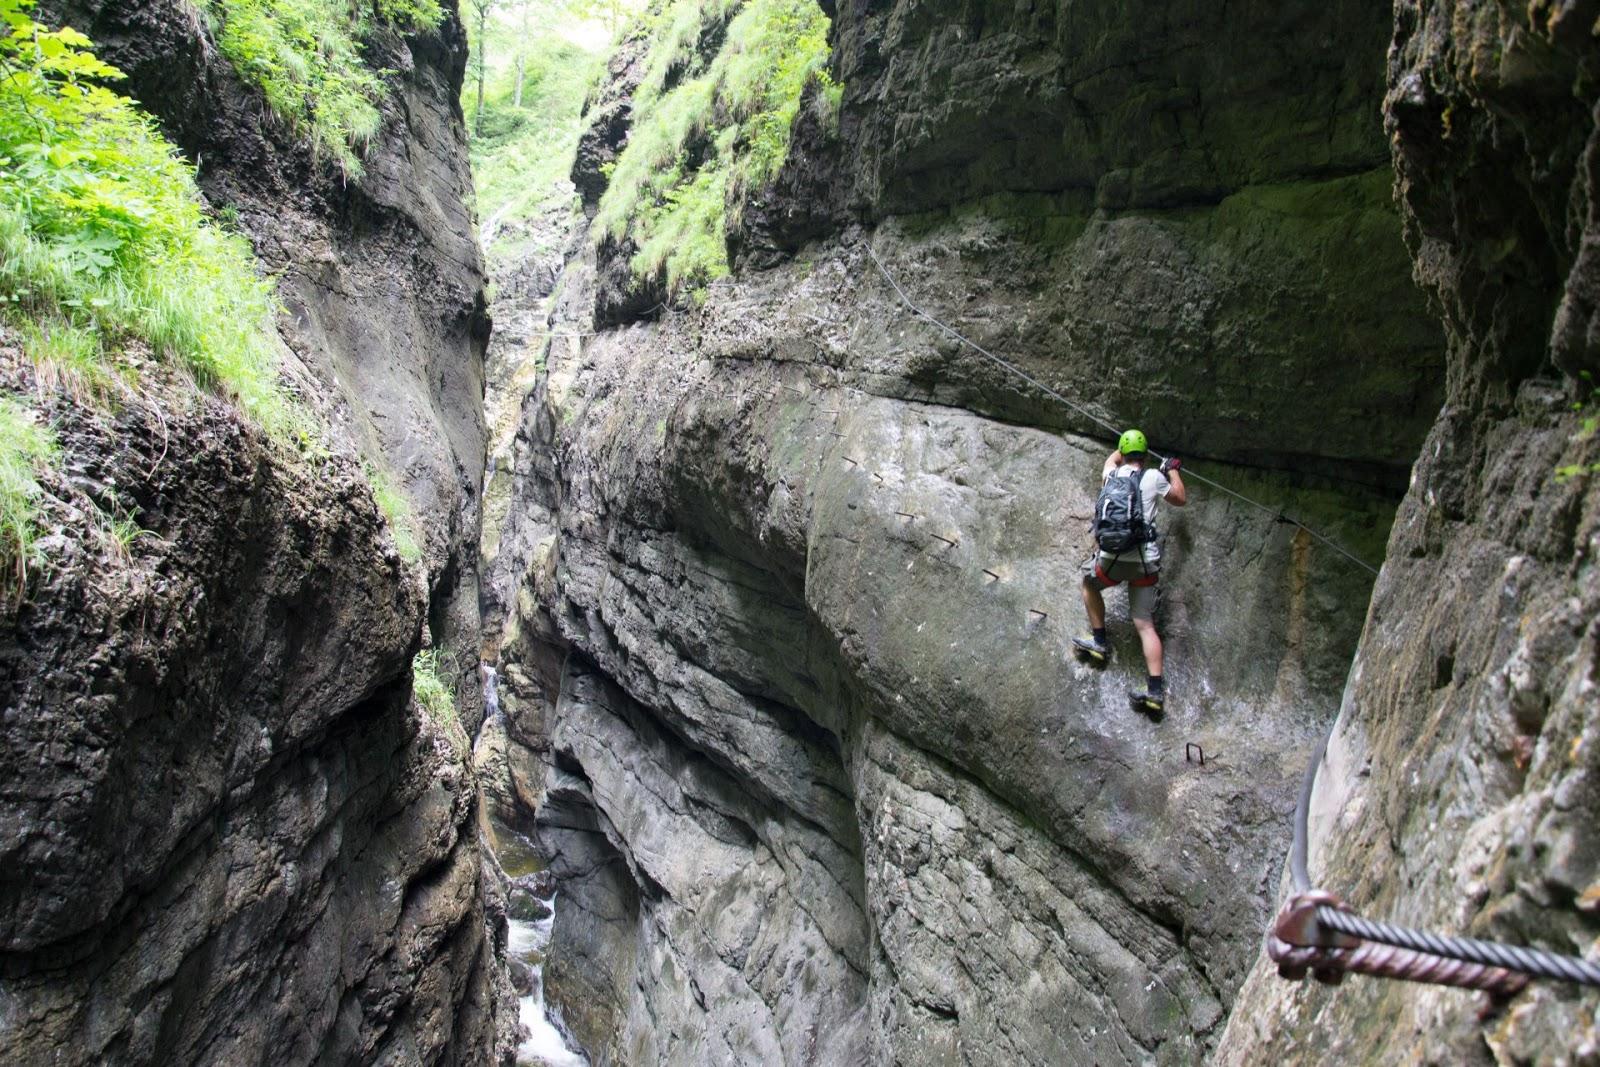 Klettersteig Postalmklamm : Mało za duże podróże via ferrata postalmklamm austria